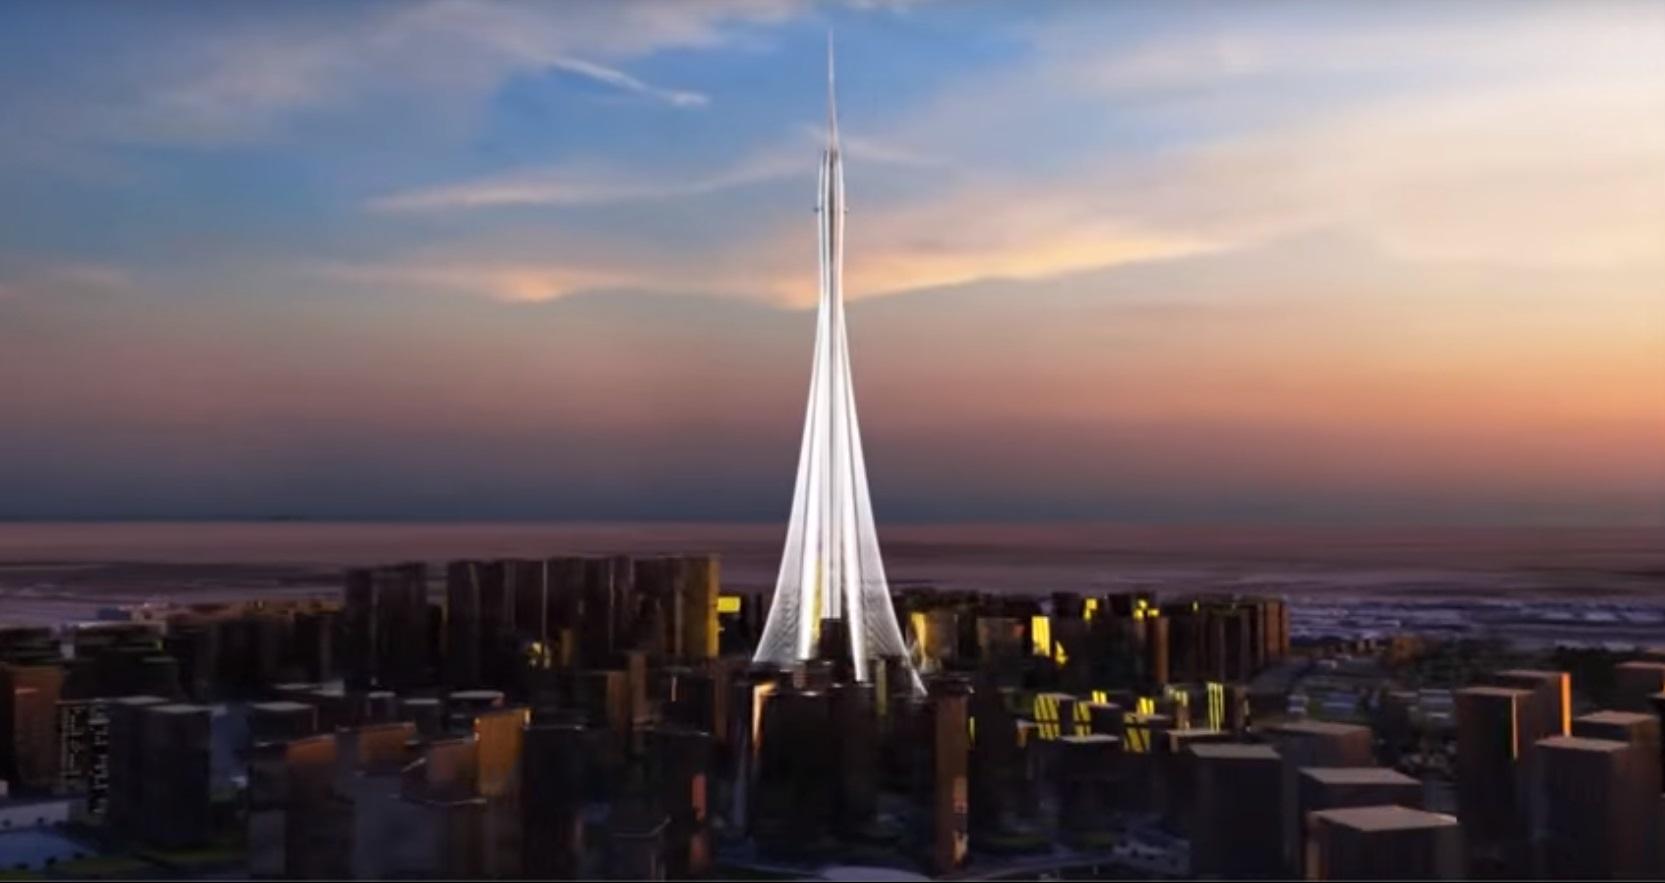 el edificio competir en altura con la jeddah tower de arabia saud el rascacielos que actualmente lucha por ser el ms alto del mundo y que tendr ms de